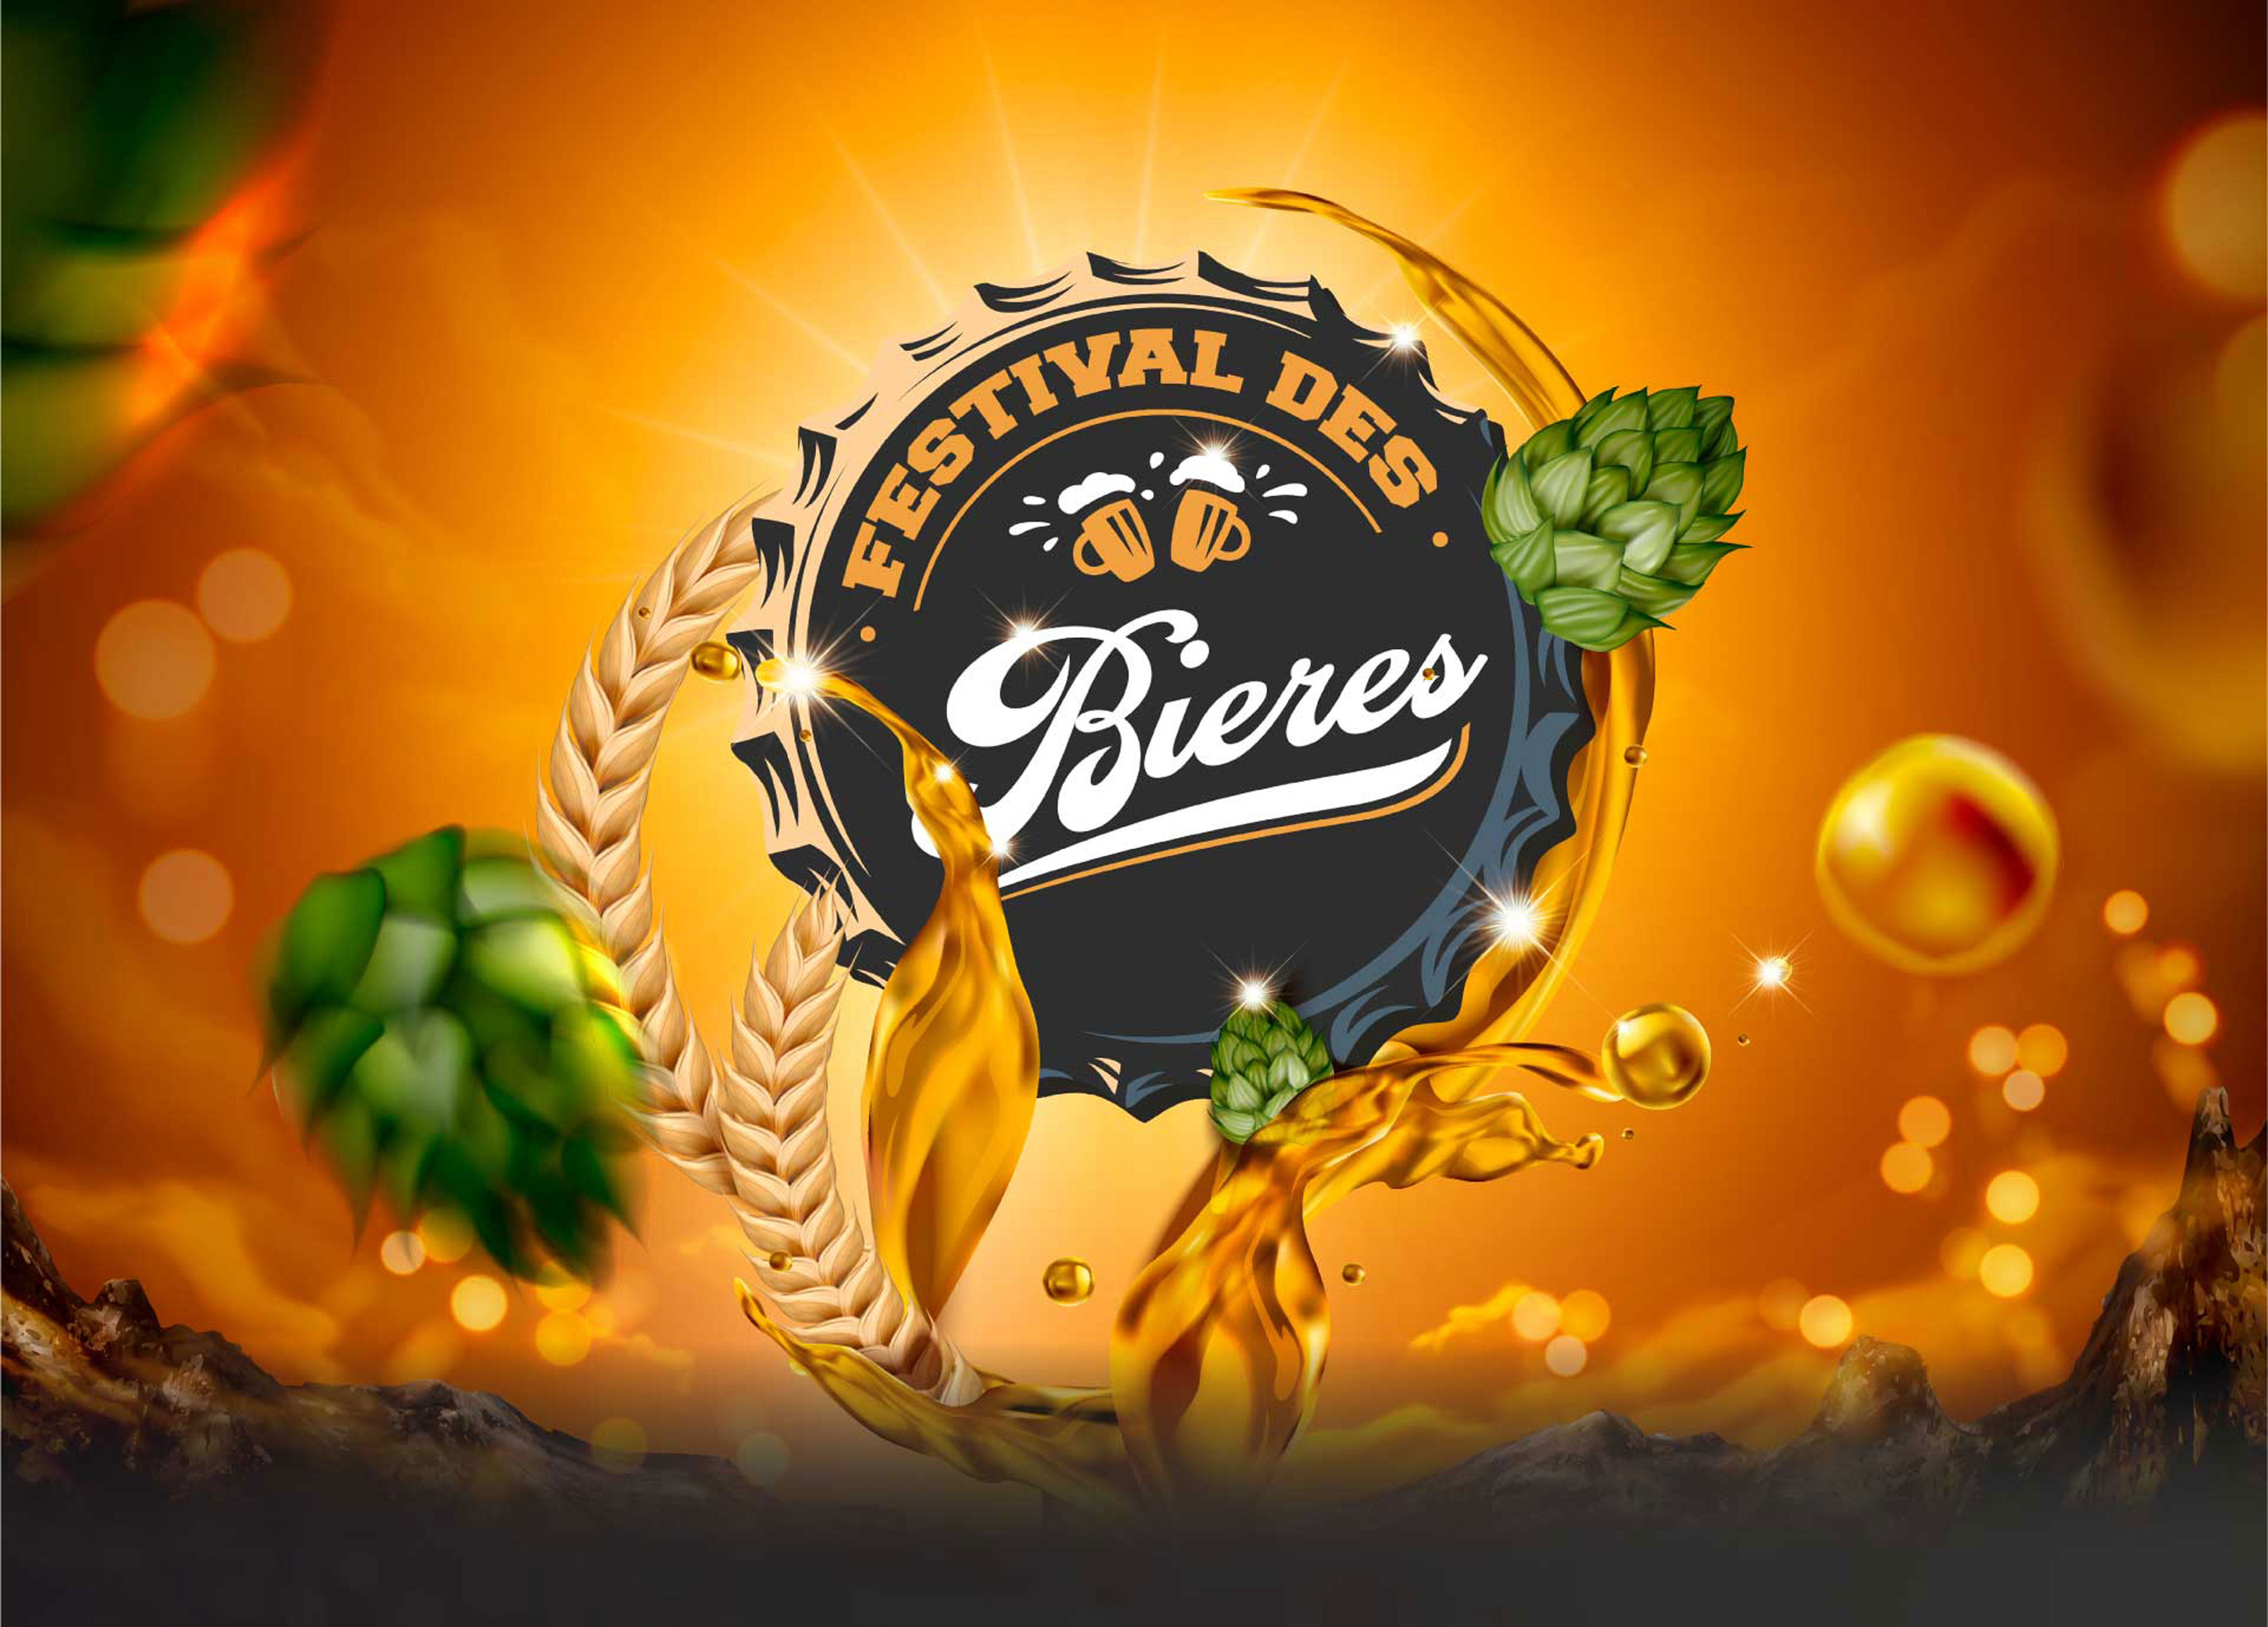 festival_des_bieres